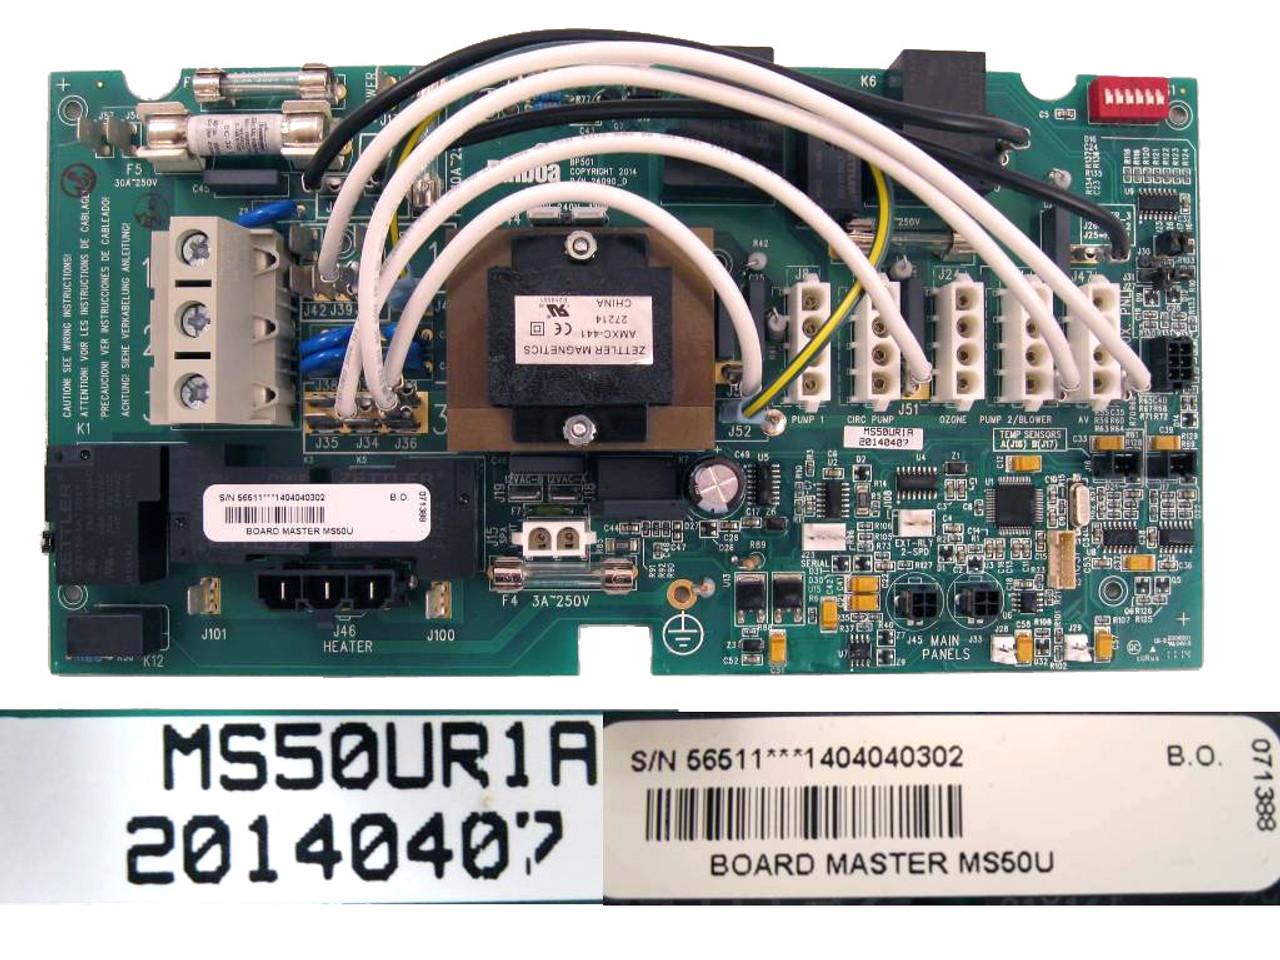 Master Spa - X801148 - Balboa Equipment MS50U/E Circuit Board on balboa relay schematic, jacuzzi aero spa electrical schematic, 12 6 volt schematic, balboa spa schematic, balboa spa board, balboa board repair, balboa instruments circuit boards, balboa m2 schematic board,